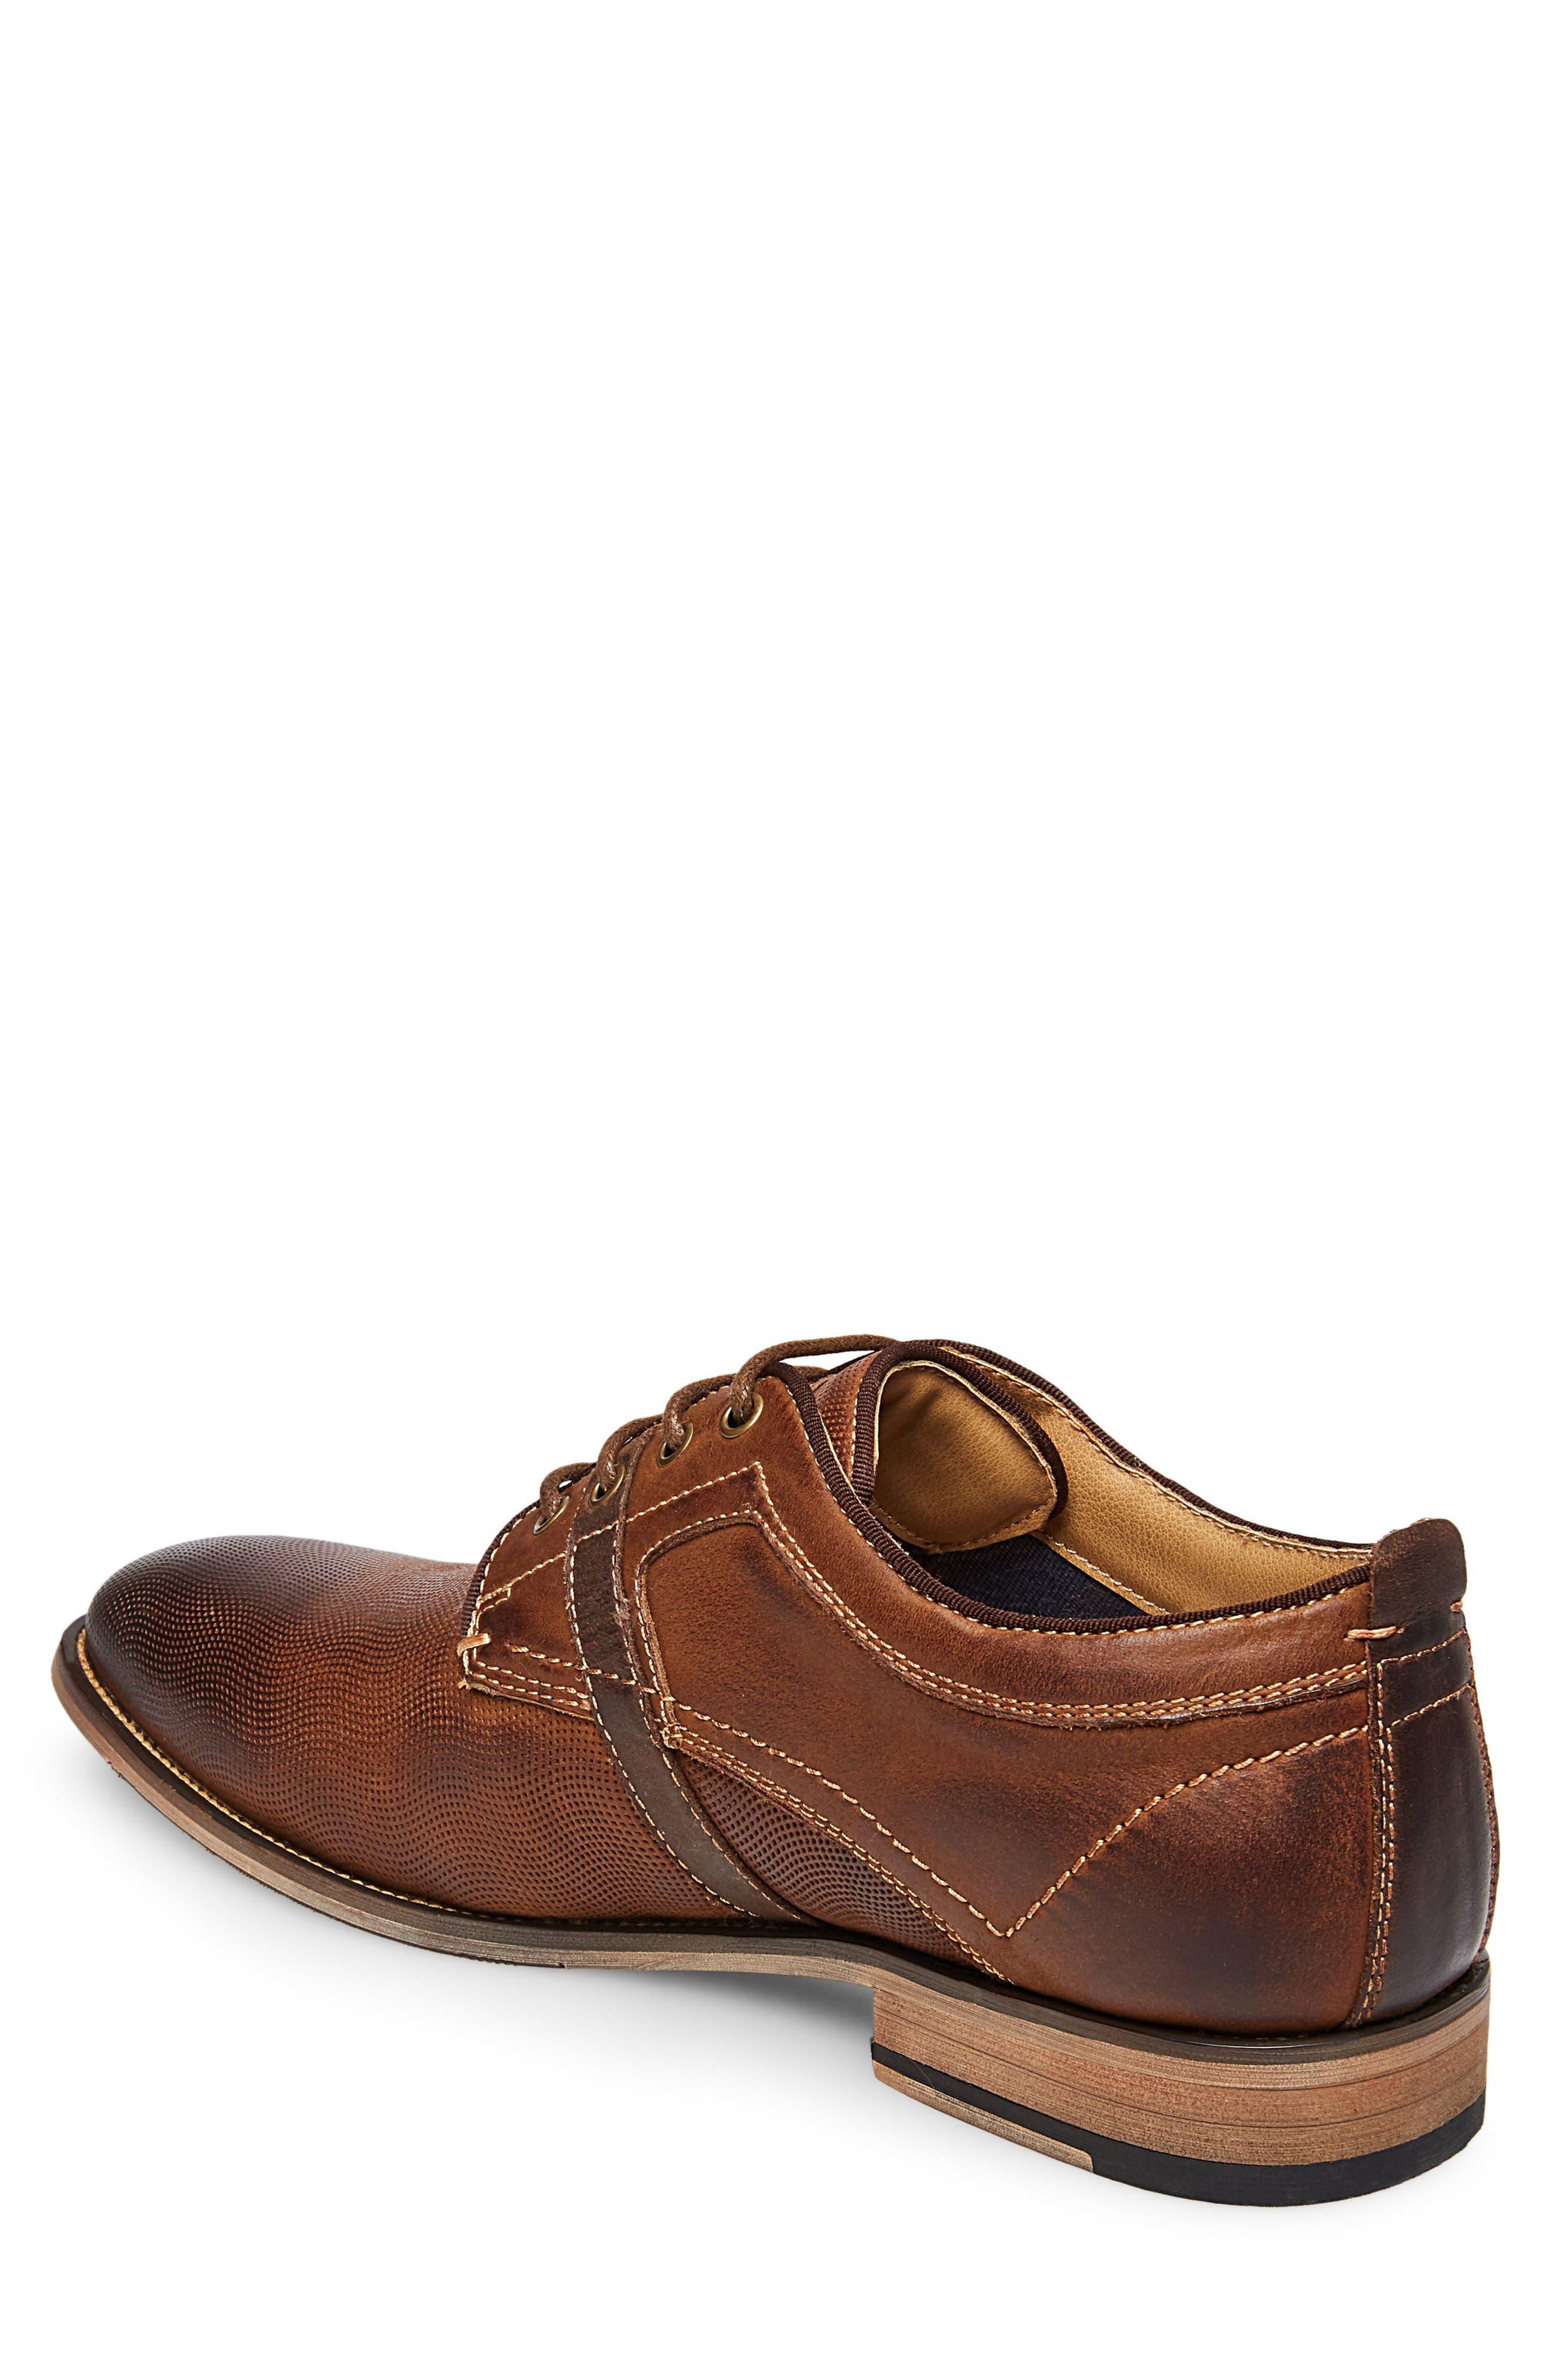 Alternate Image 2  - Steve Madden Jasco Plain Toe Derby (Men)